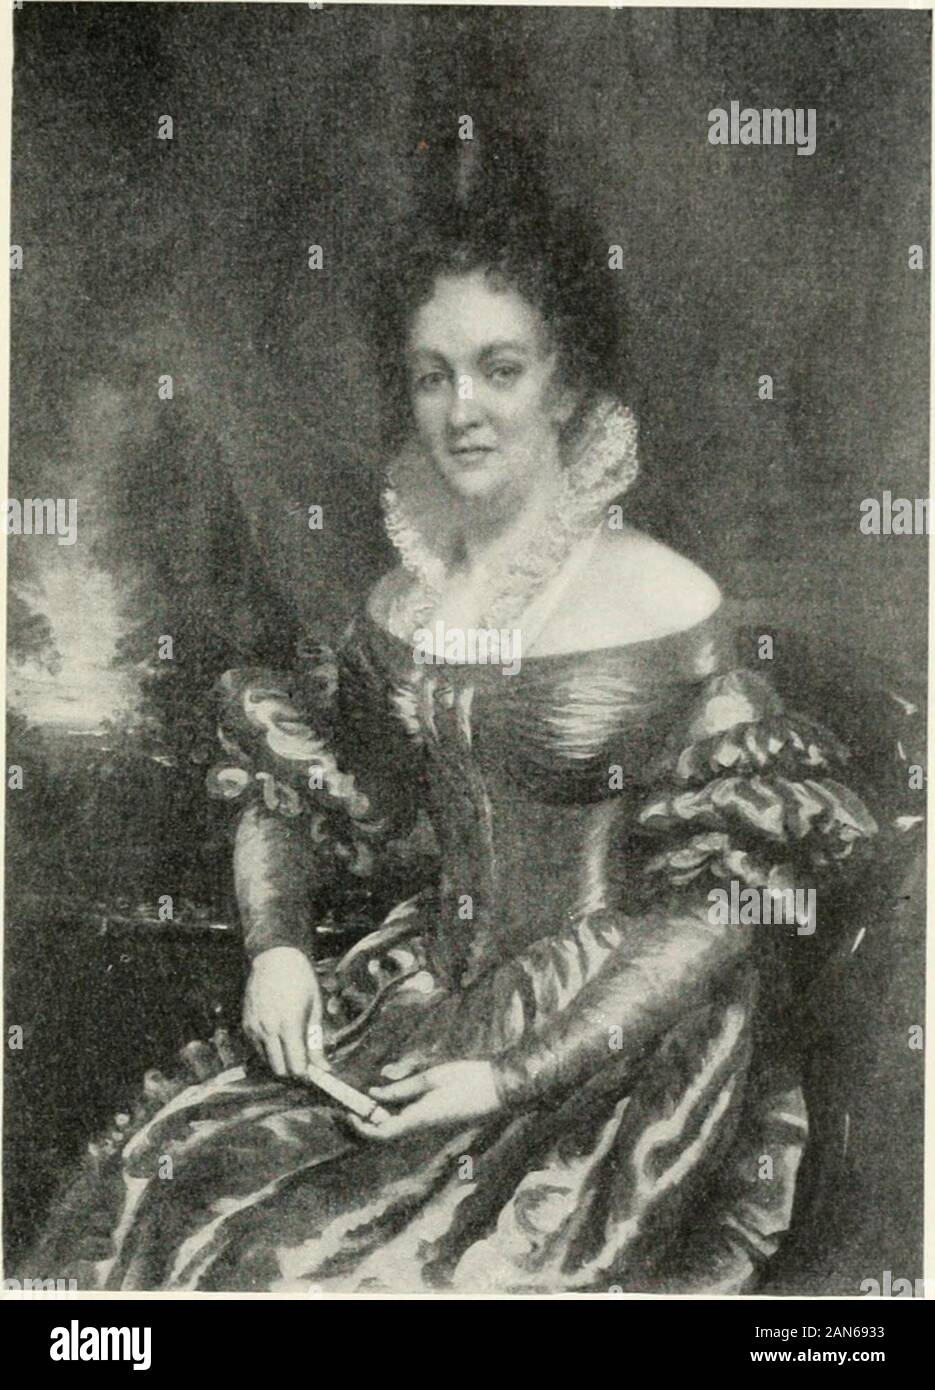 Cronache di un pioniere scuola dal 1792 al 1833 [risorsa elettronica] : essendo la storia di Miss Sarah Pierce e la sua scuola di Litchfield . su ^10- le spese scolastiche ^^ $10,.42Exhibition imposta m12^ 10n54iReceived della signora H. concedere looocl 9 3 A CAUSA 1-51 pagamento Reed L. E. Bretella Litchfield aprile 19i^ 1831firmata dal tutore Mrs. New York, martedì, Jany 27th, (1831, 32 o 33.) Il mio caro Miss Pierce : La vostra gentilezza e quella di tutta la vostra famiglia verso di me e minelast estate, mi induce a pensare che una lettera da me non avrebbe beunacceptable. Mi capita spesso di pensare con soddisfazione del tranquillo, salutari e pleasanttime I p Foto Stock